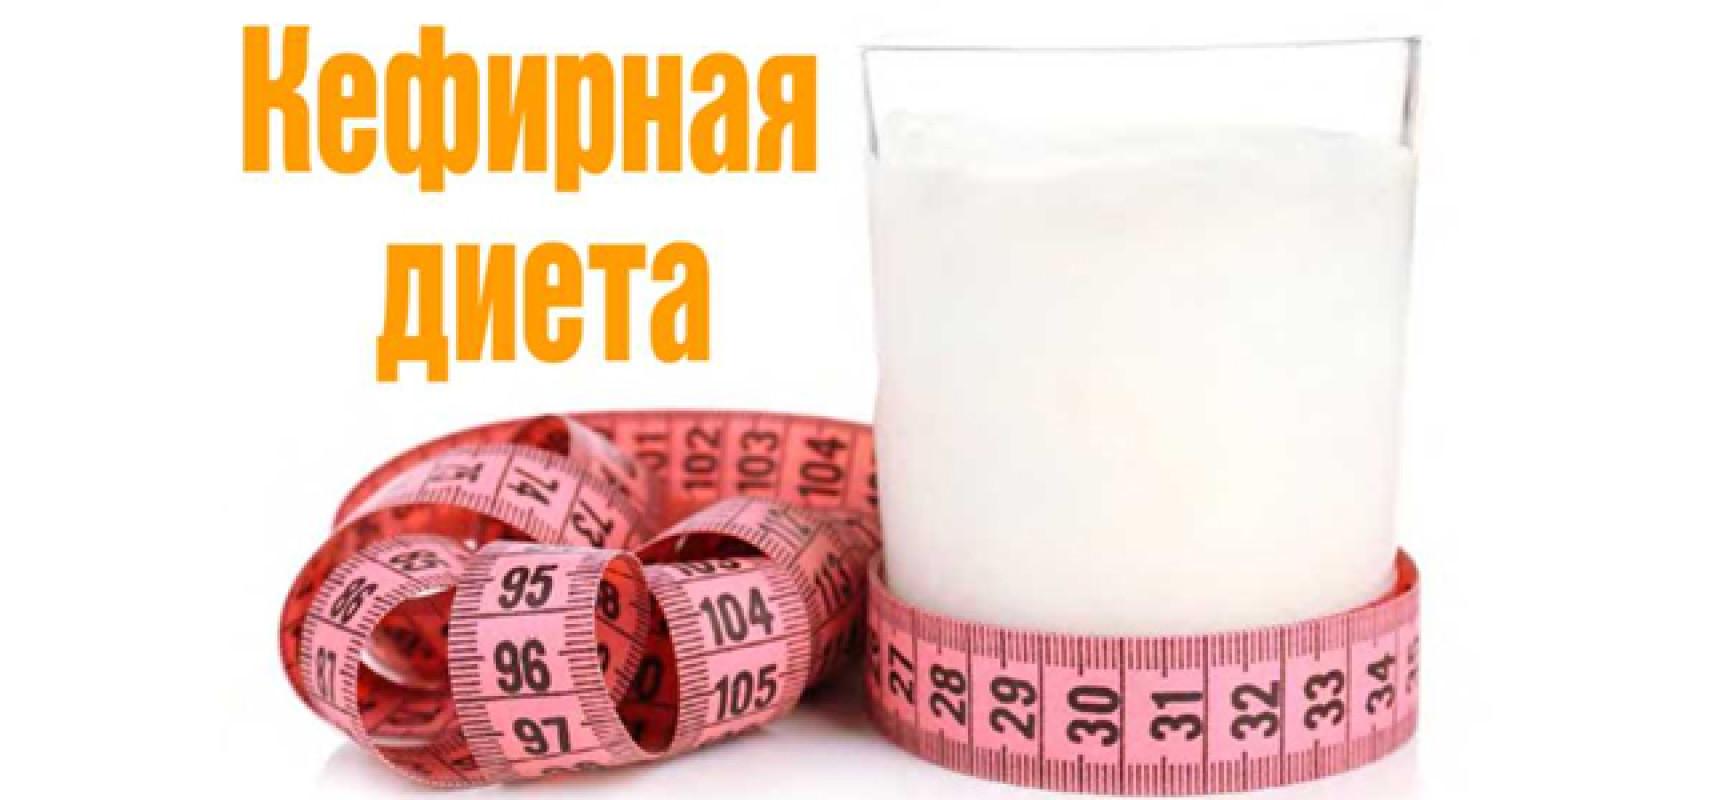 Кефирная диета за 7 дней: строго, но эффективно